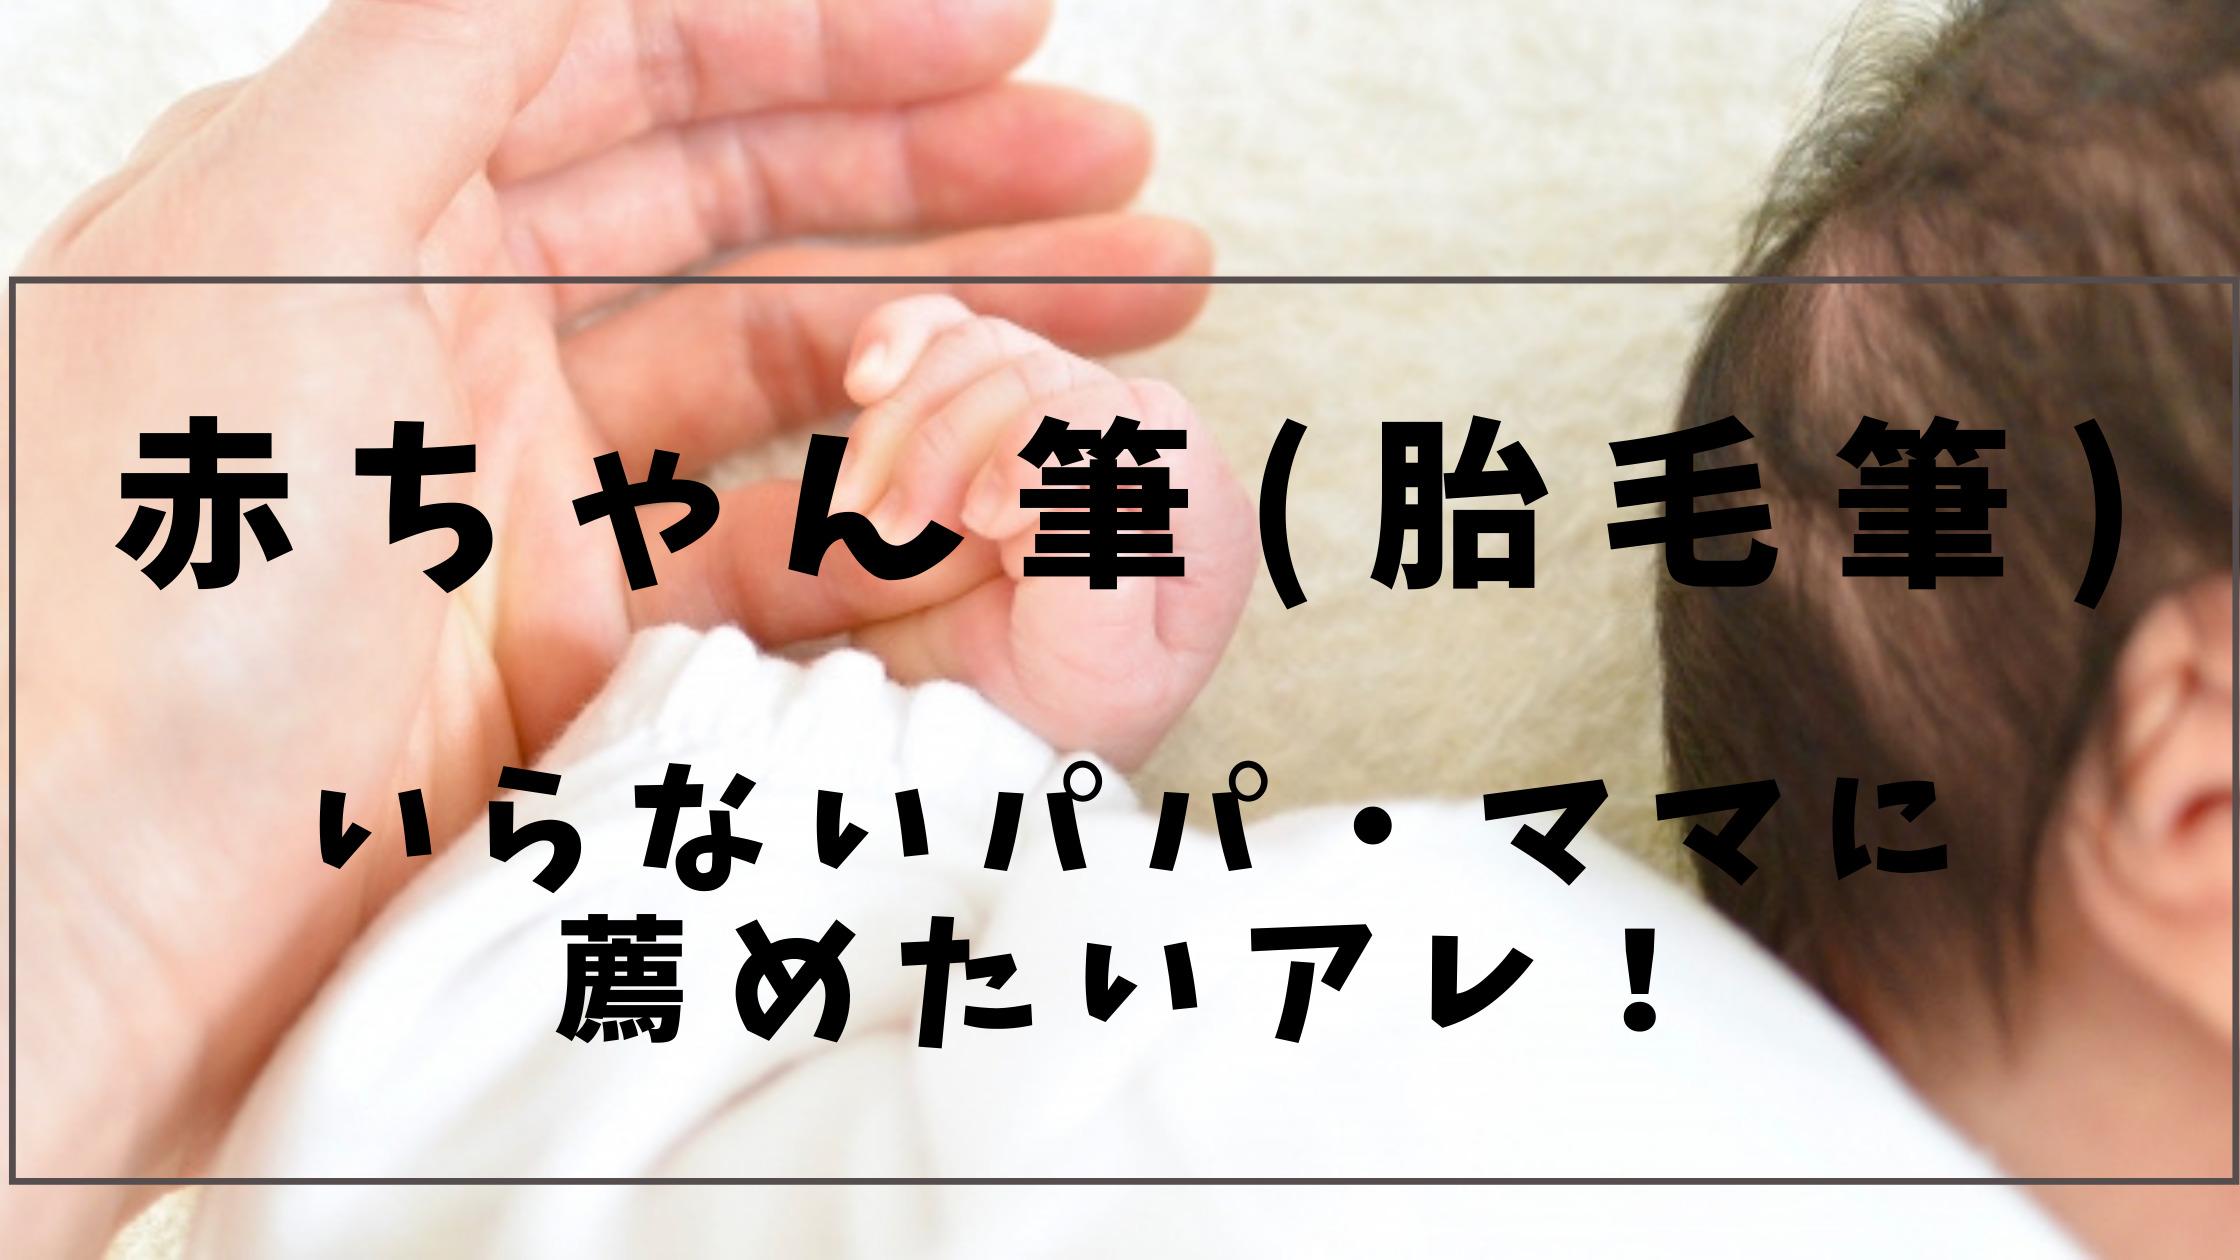 赤ちゃん筆いらないアイキャッチ